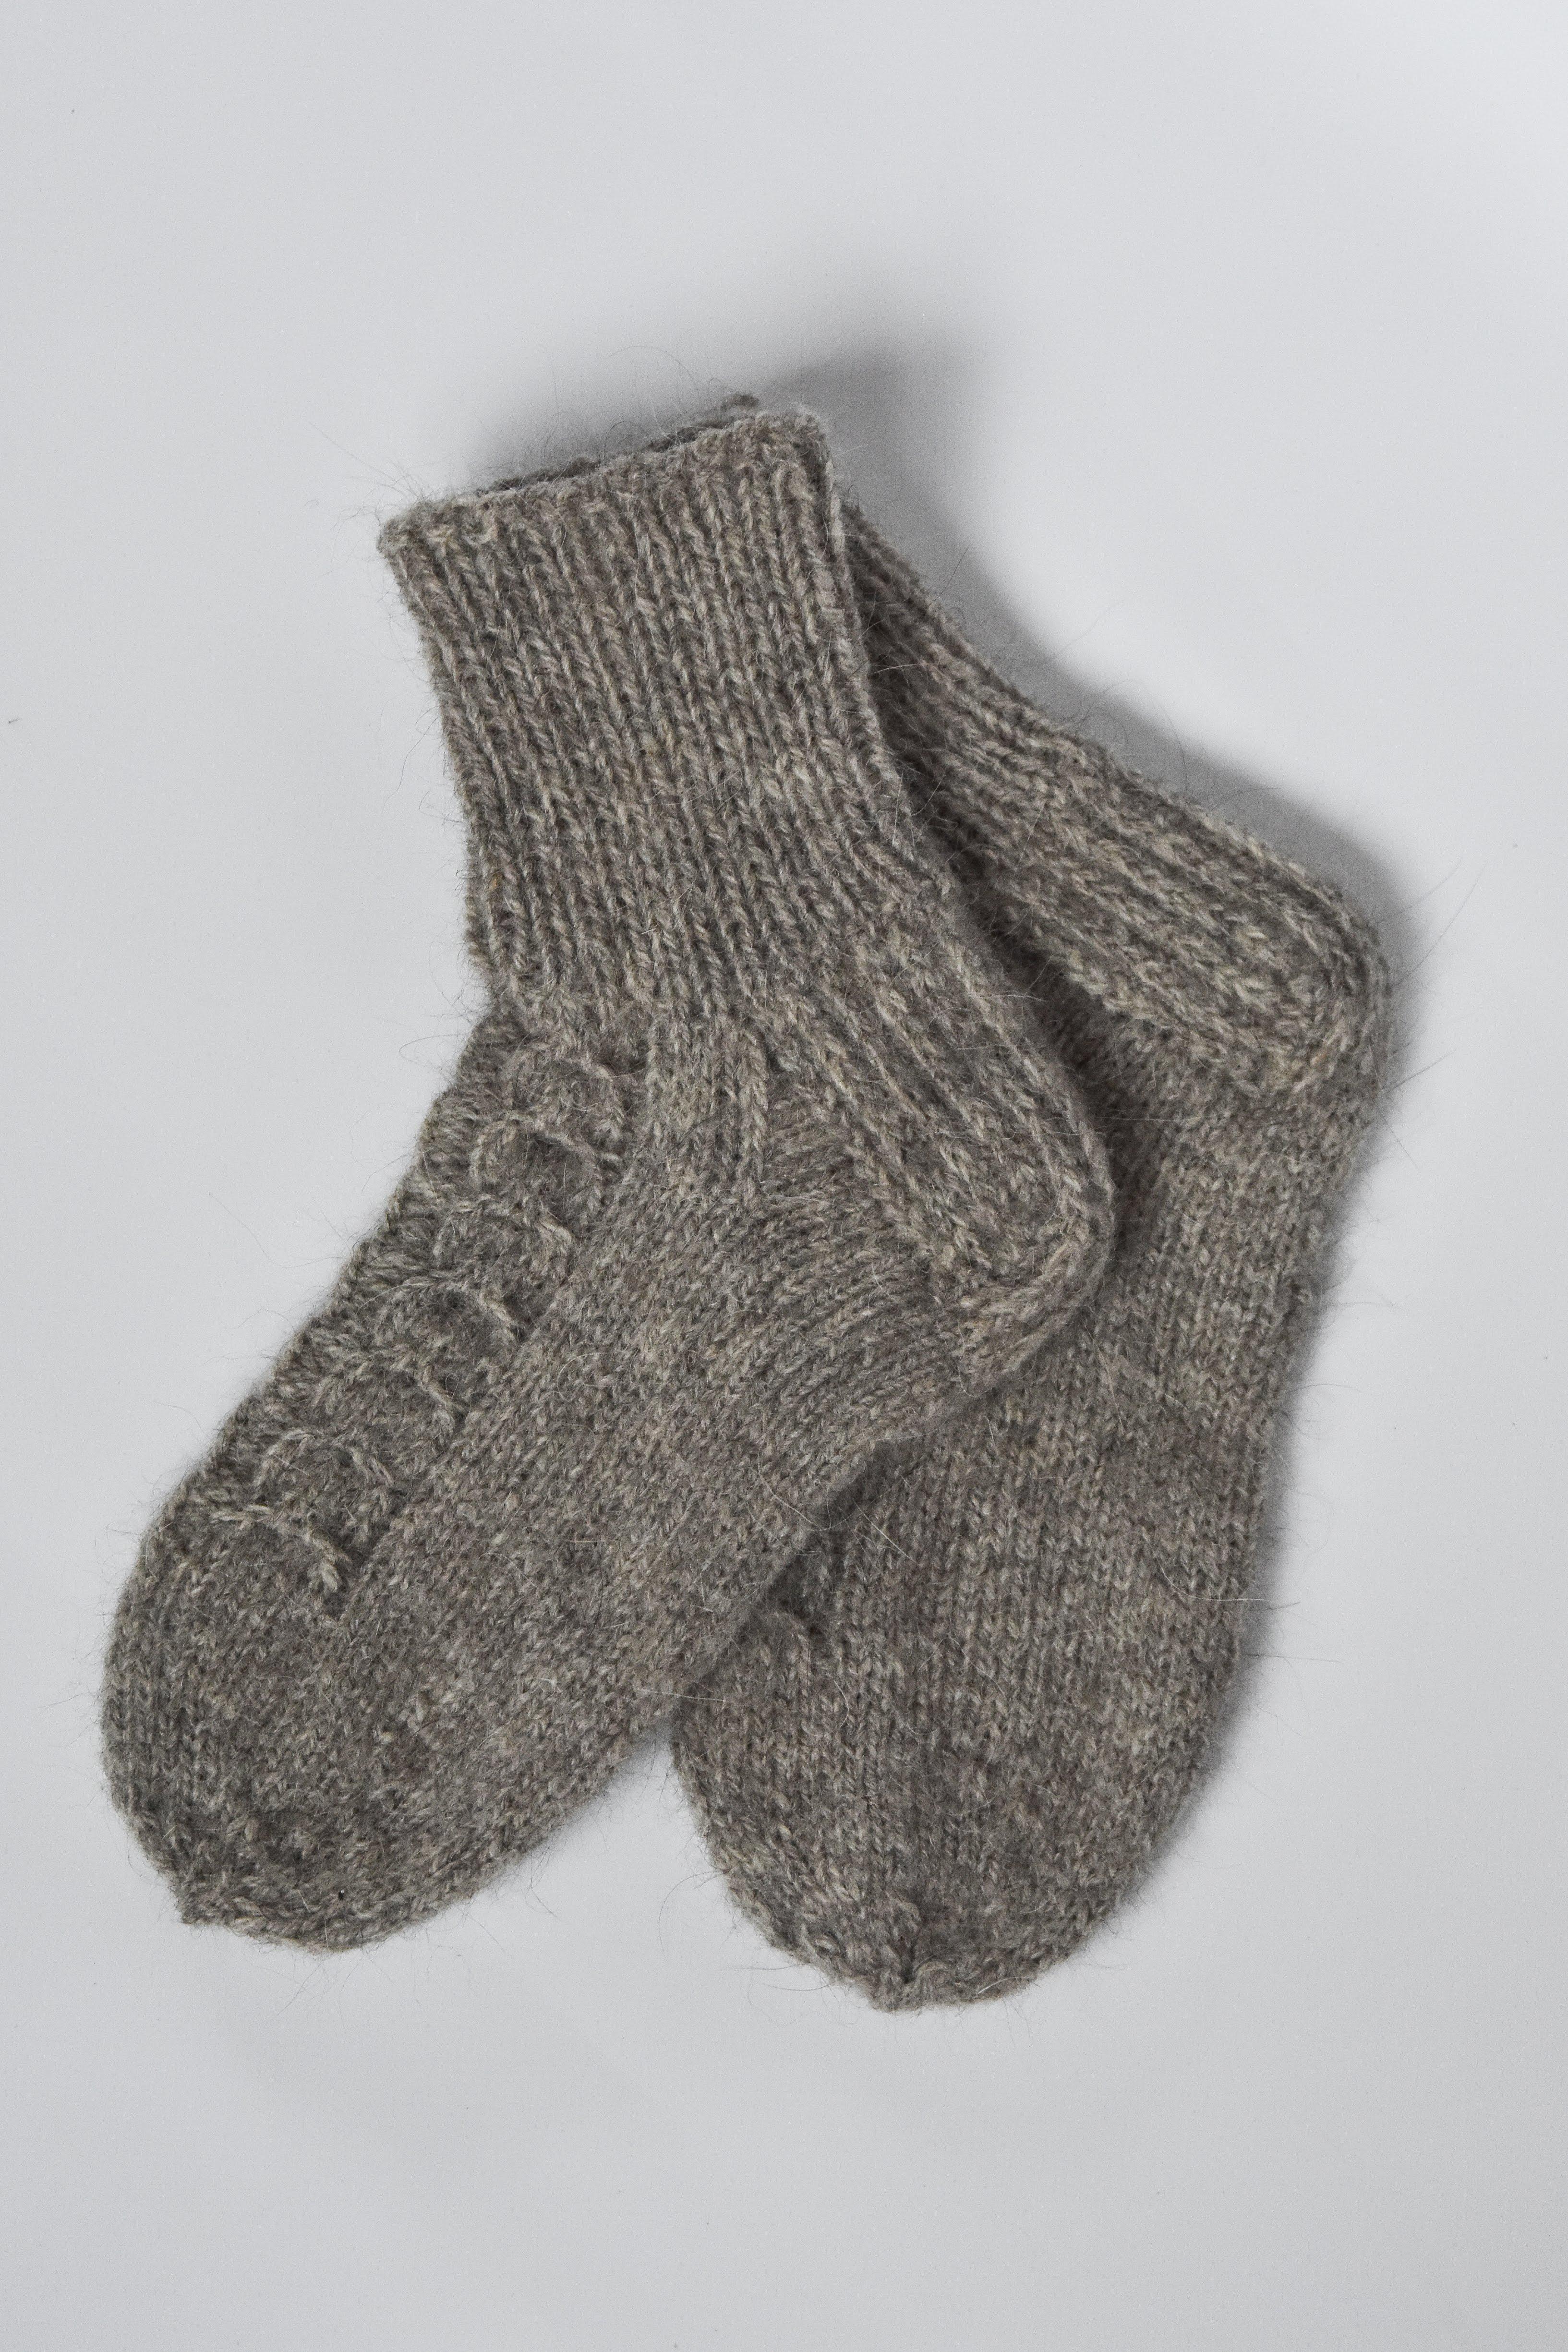 e14cf392856 Koeravillaga sooniksäärega naiste sokid, halli värvi, nr 37-38 ...